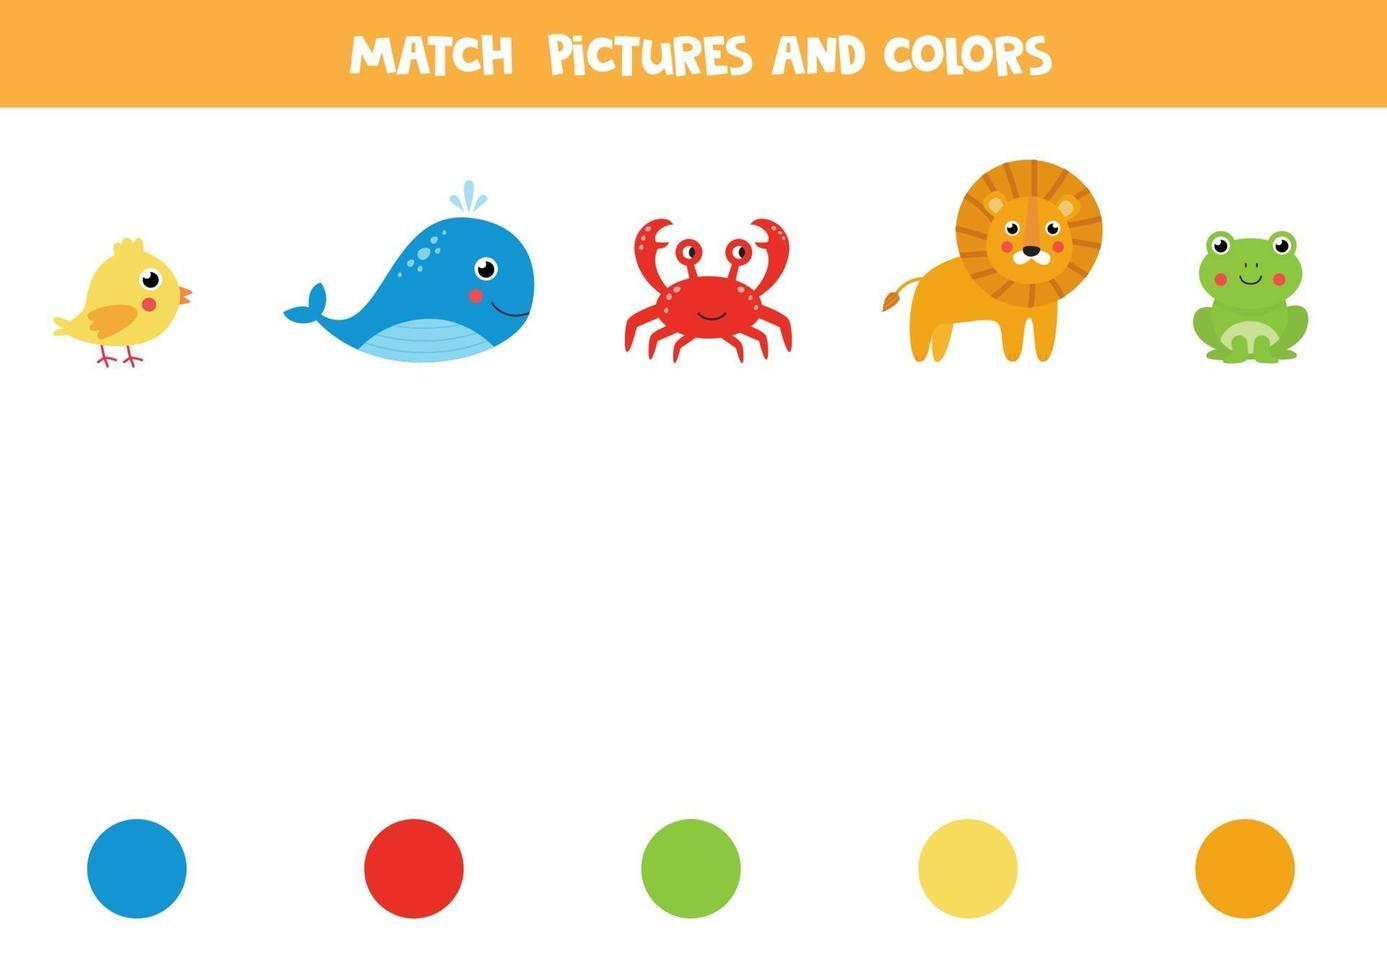 matcha djur och färger. logiskt kalkylblad. vektor